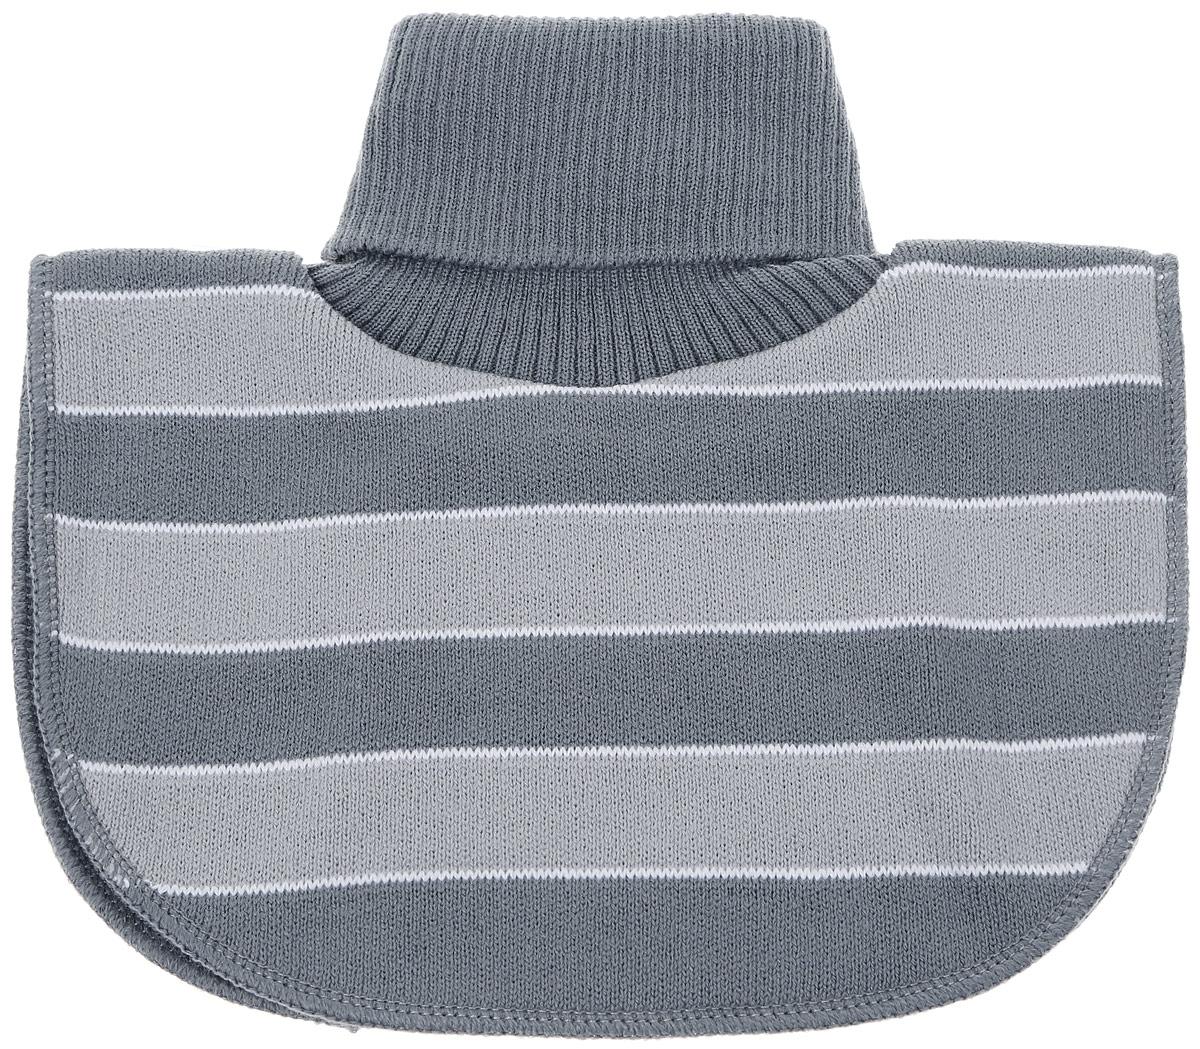 MM2616-22Модная вязаная манишка для мальчика ПриКиндер - удобный и теплый заменитель шарфа в виде большого воротника, закрывающего шею, идеально подойдет вашему ребенку. Изготовлена модель из акрила с добавлением шерсти, подкладка выполнена из хлопка с добавлением лайкры. Манишка имеет высокий воротник-гольф.